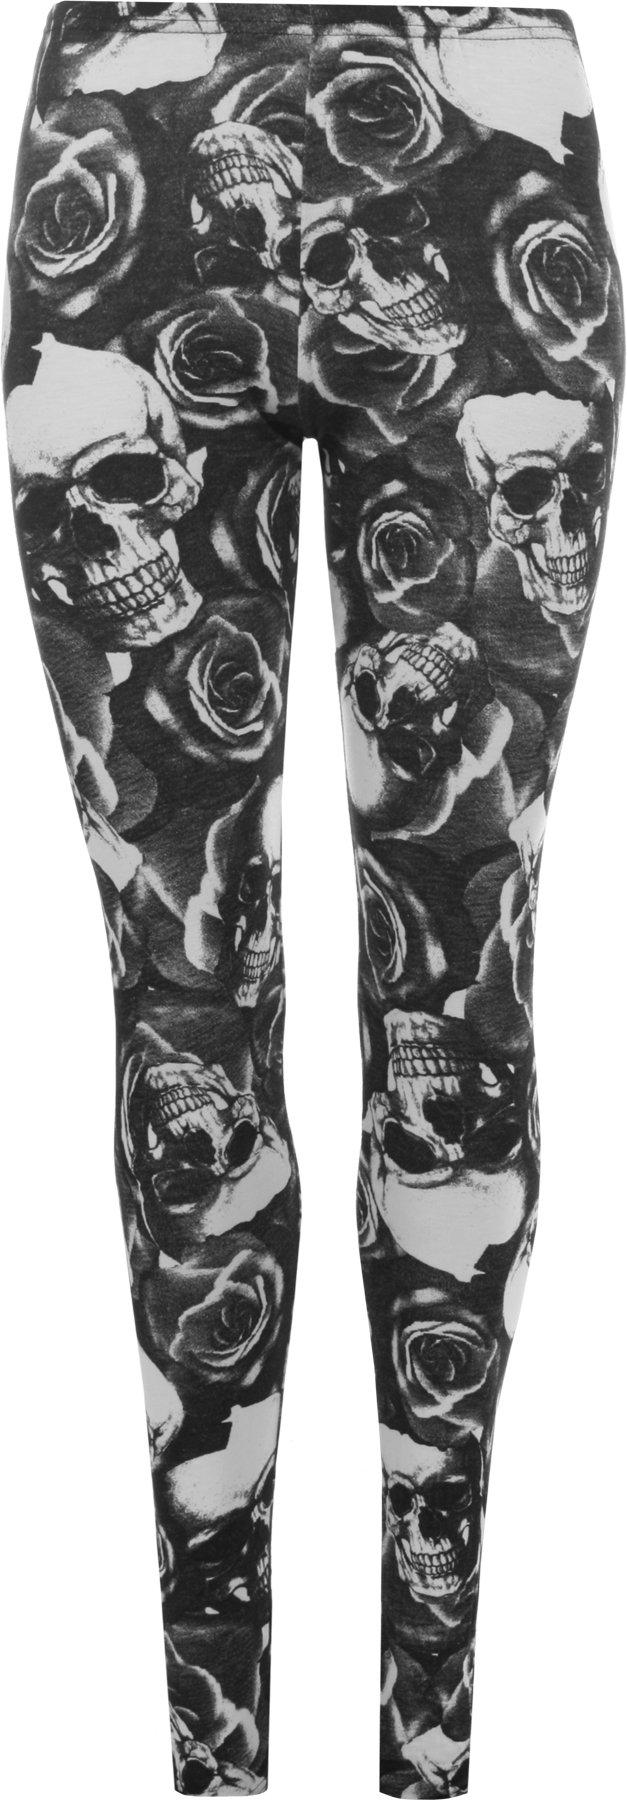 WearAll Women's Plus Size Print Leggings - Skull Roses - US 8-10 (UK 12-14)